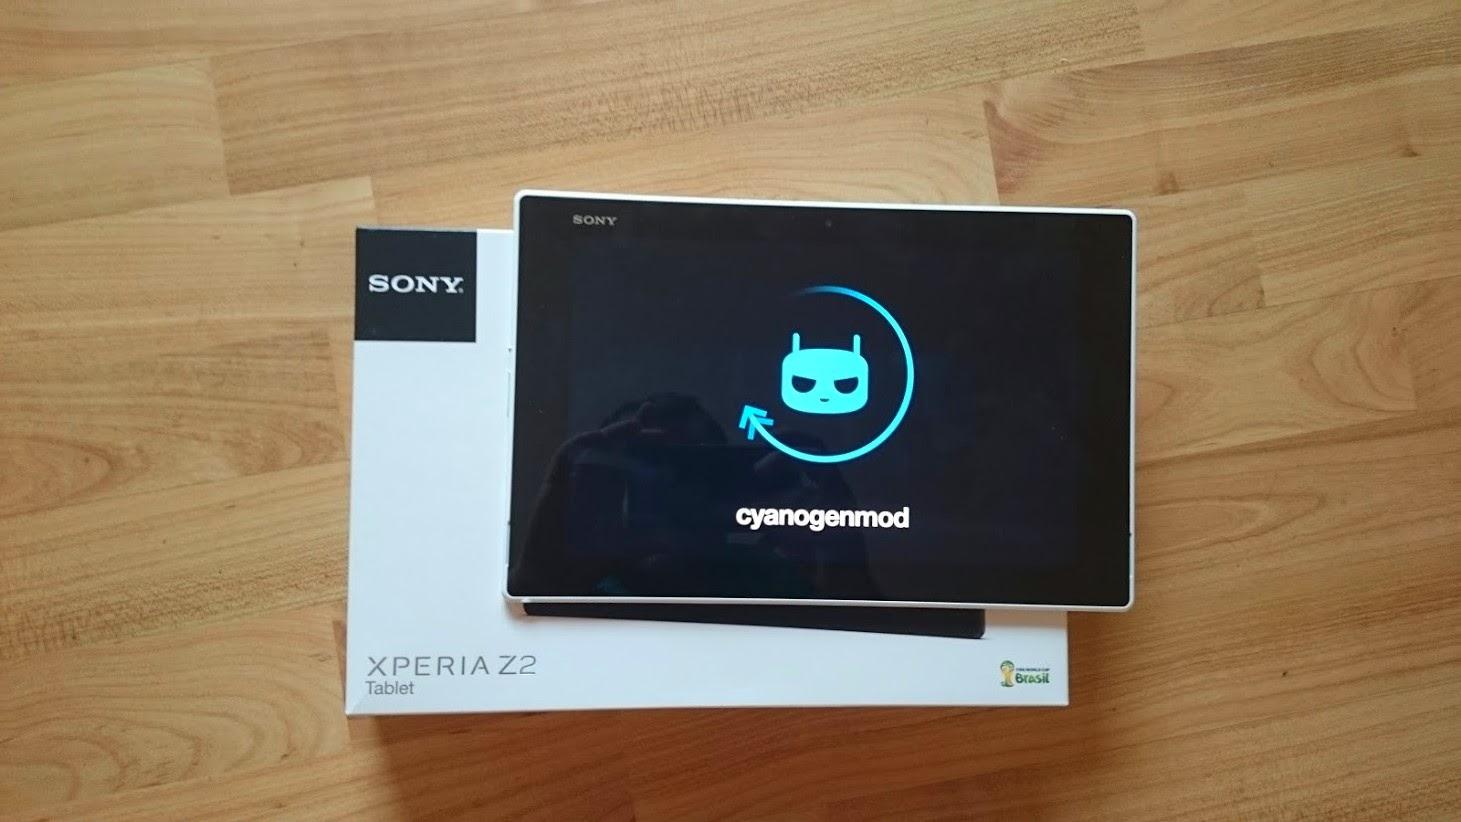 Xperia Z2 Tablet  CyanogenMod 11